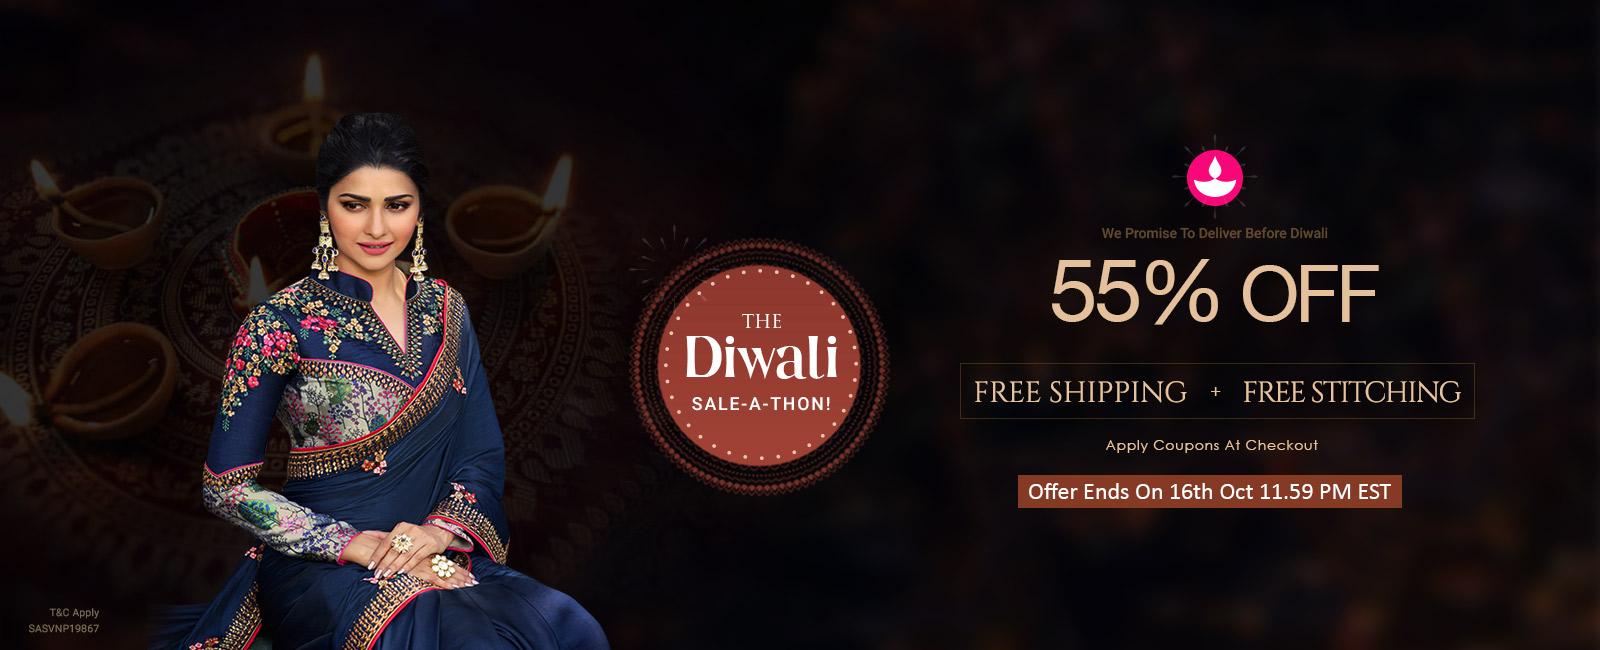 55% Off + Free Shipping+ Free Stitching